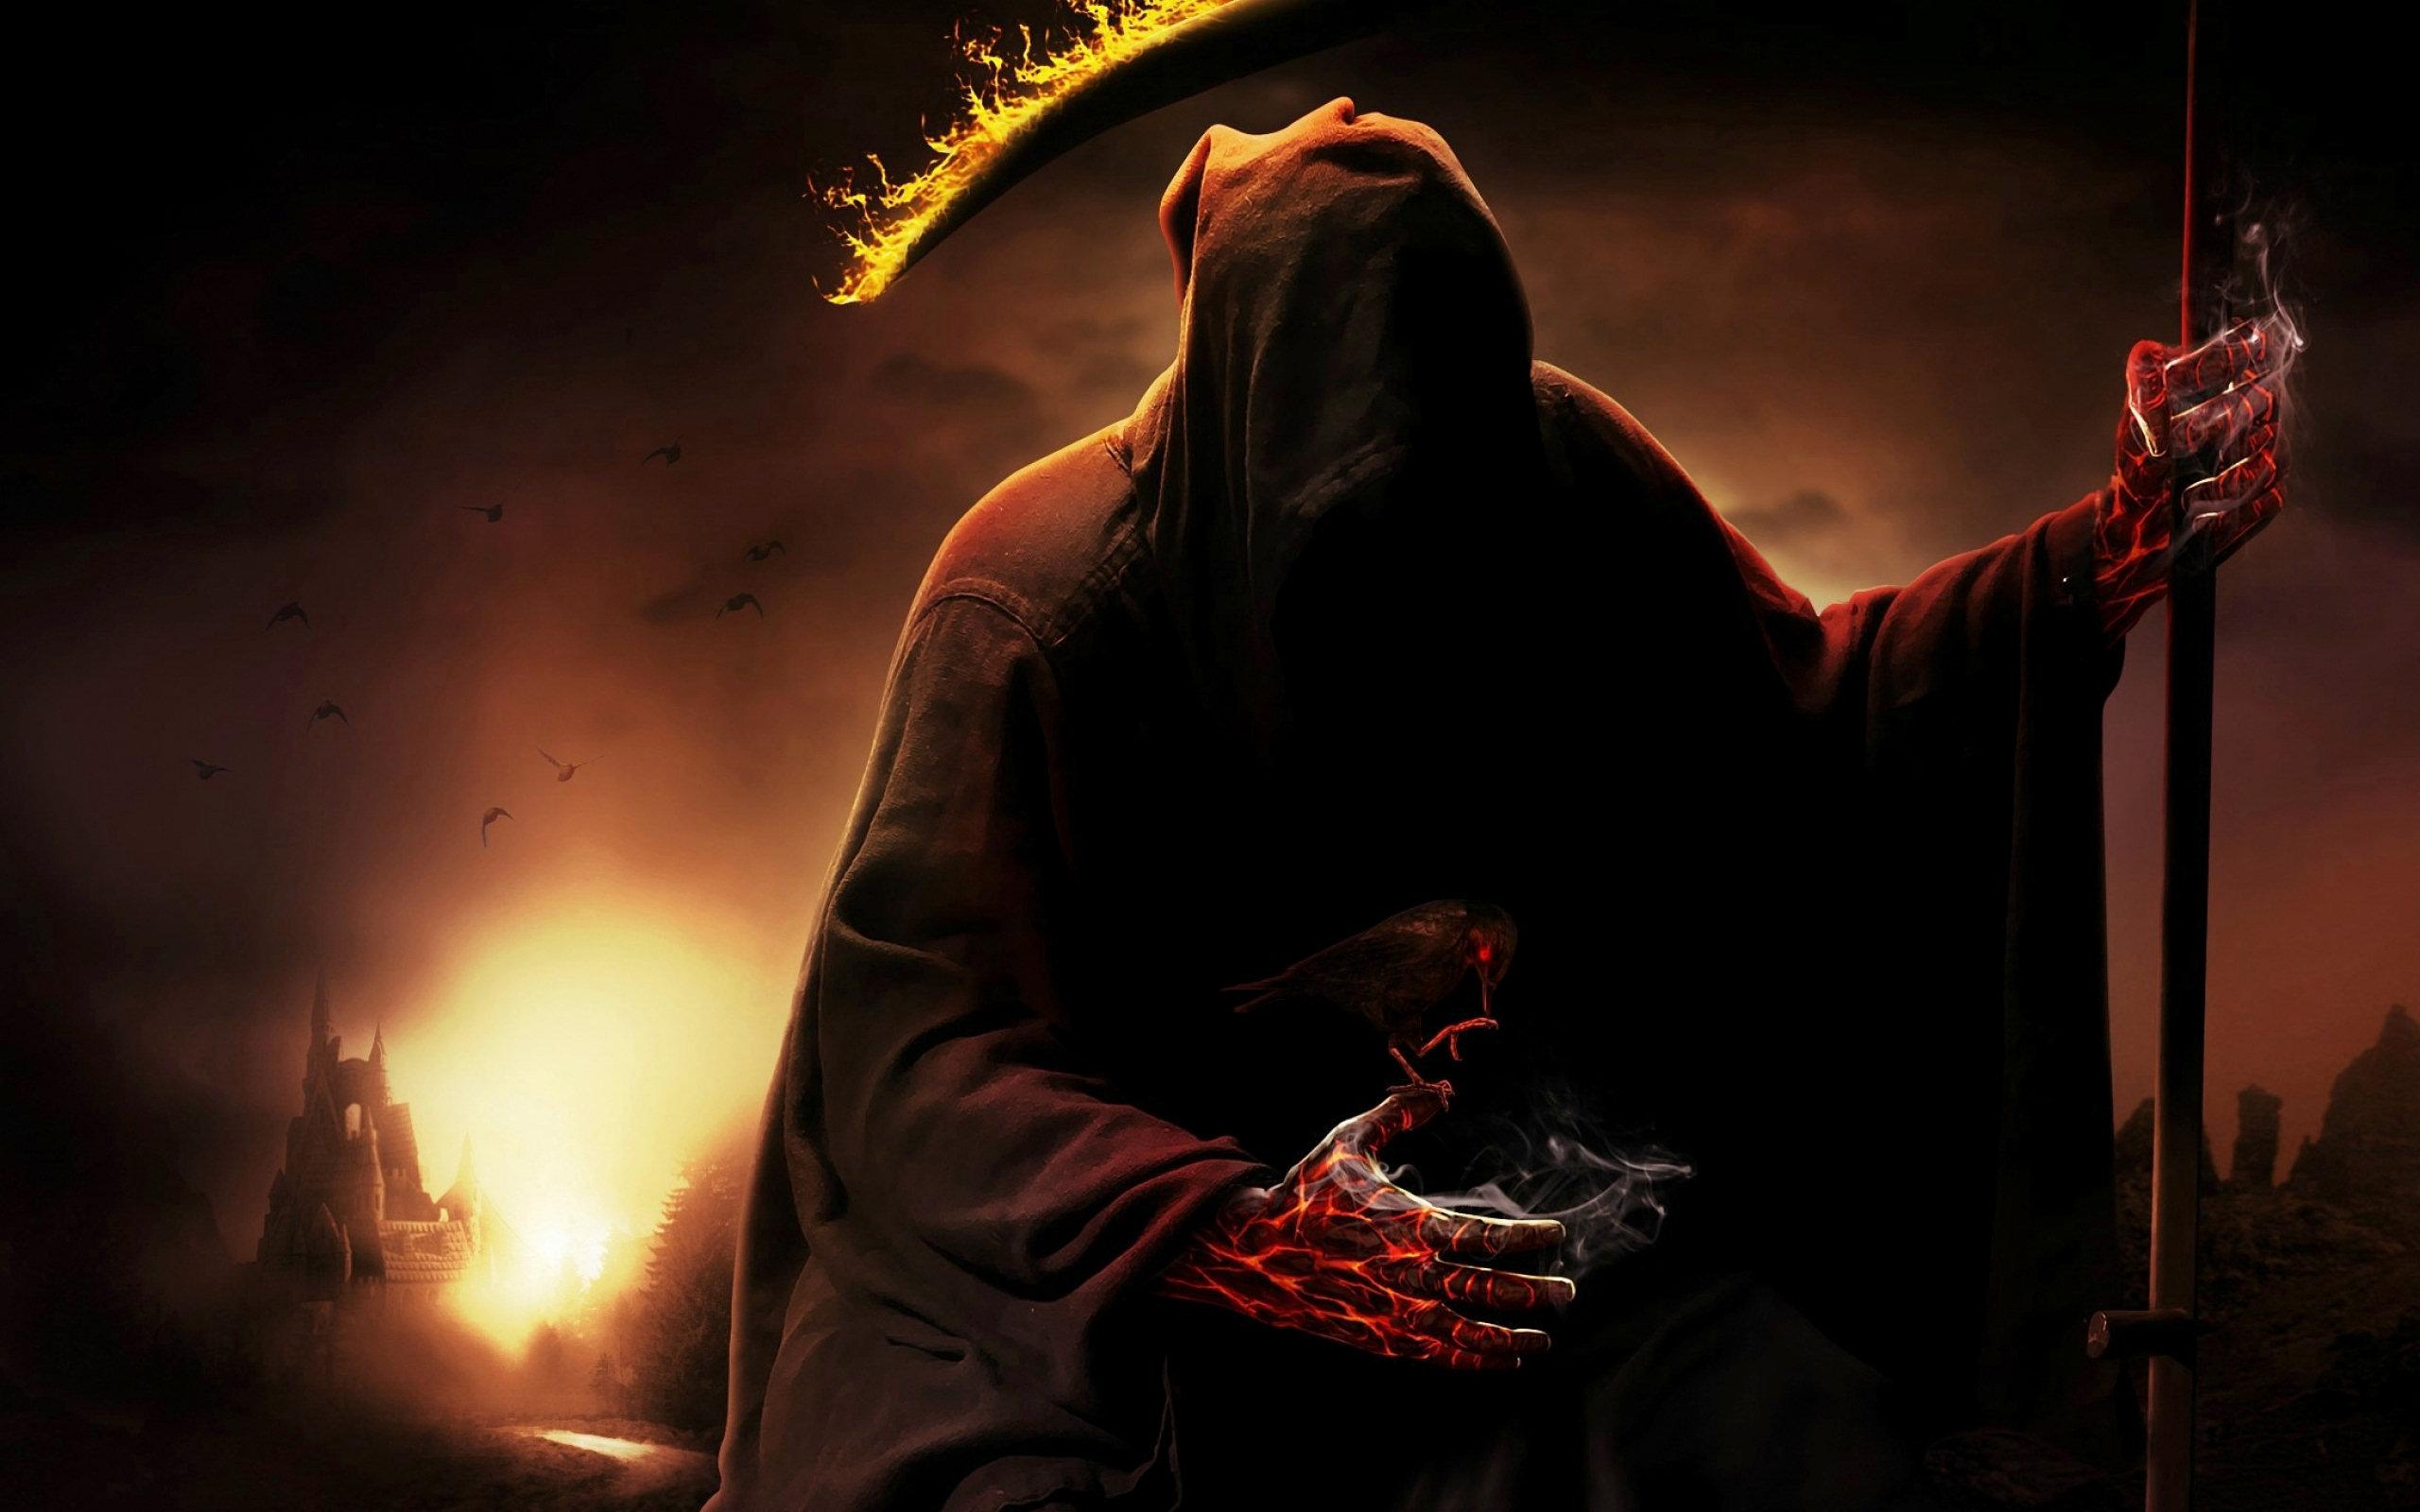 Grim reaper full hd wallpaper and background image - Reaper wallpaper ...